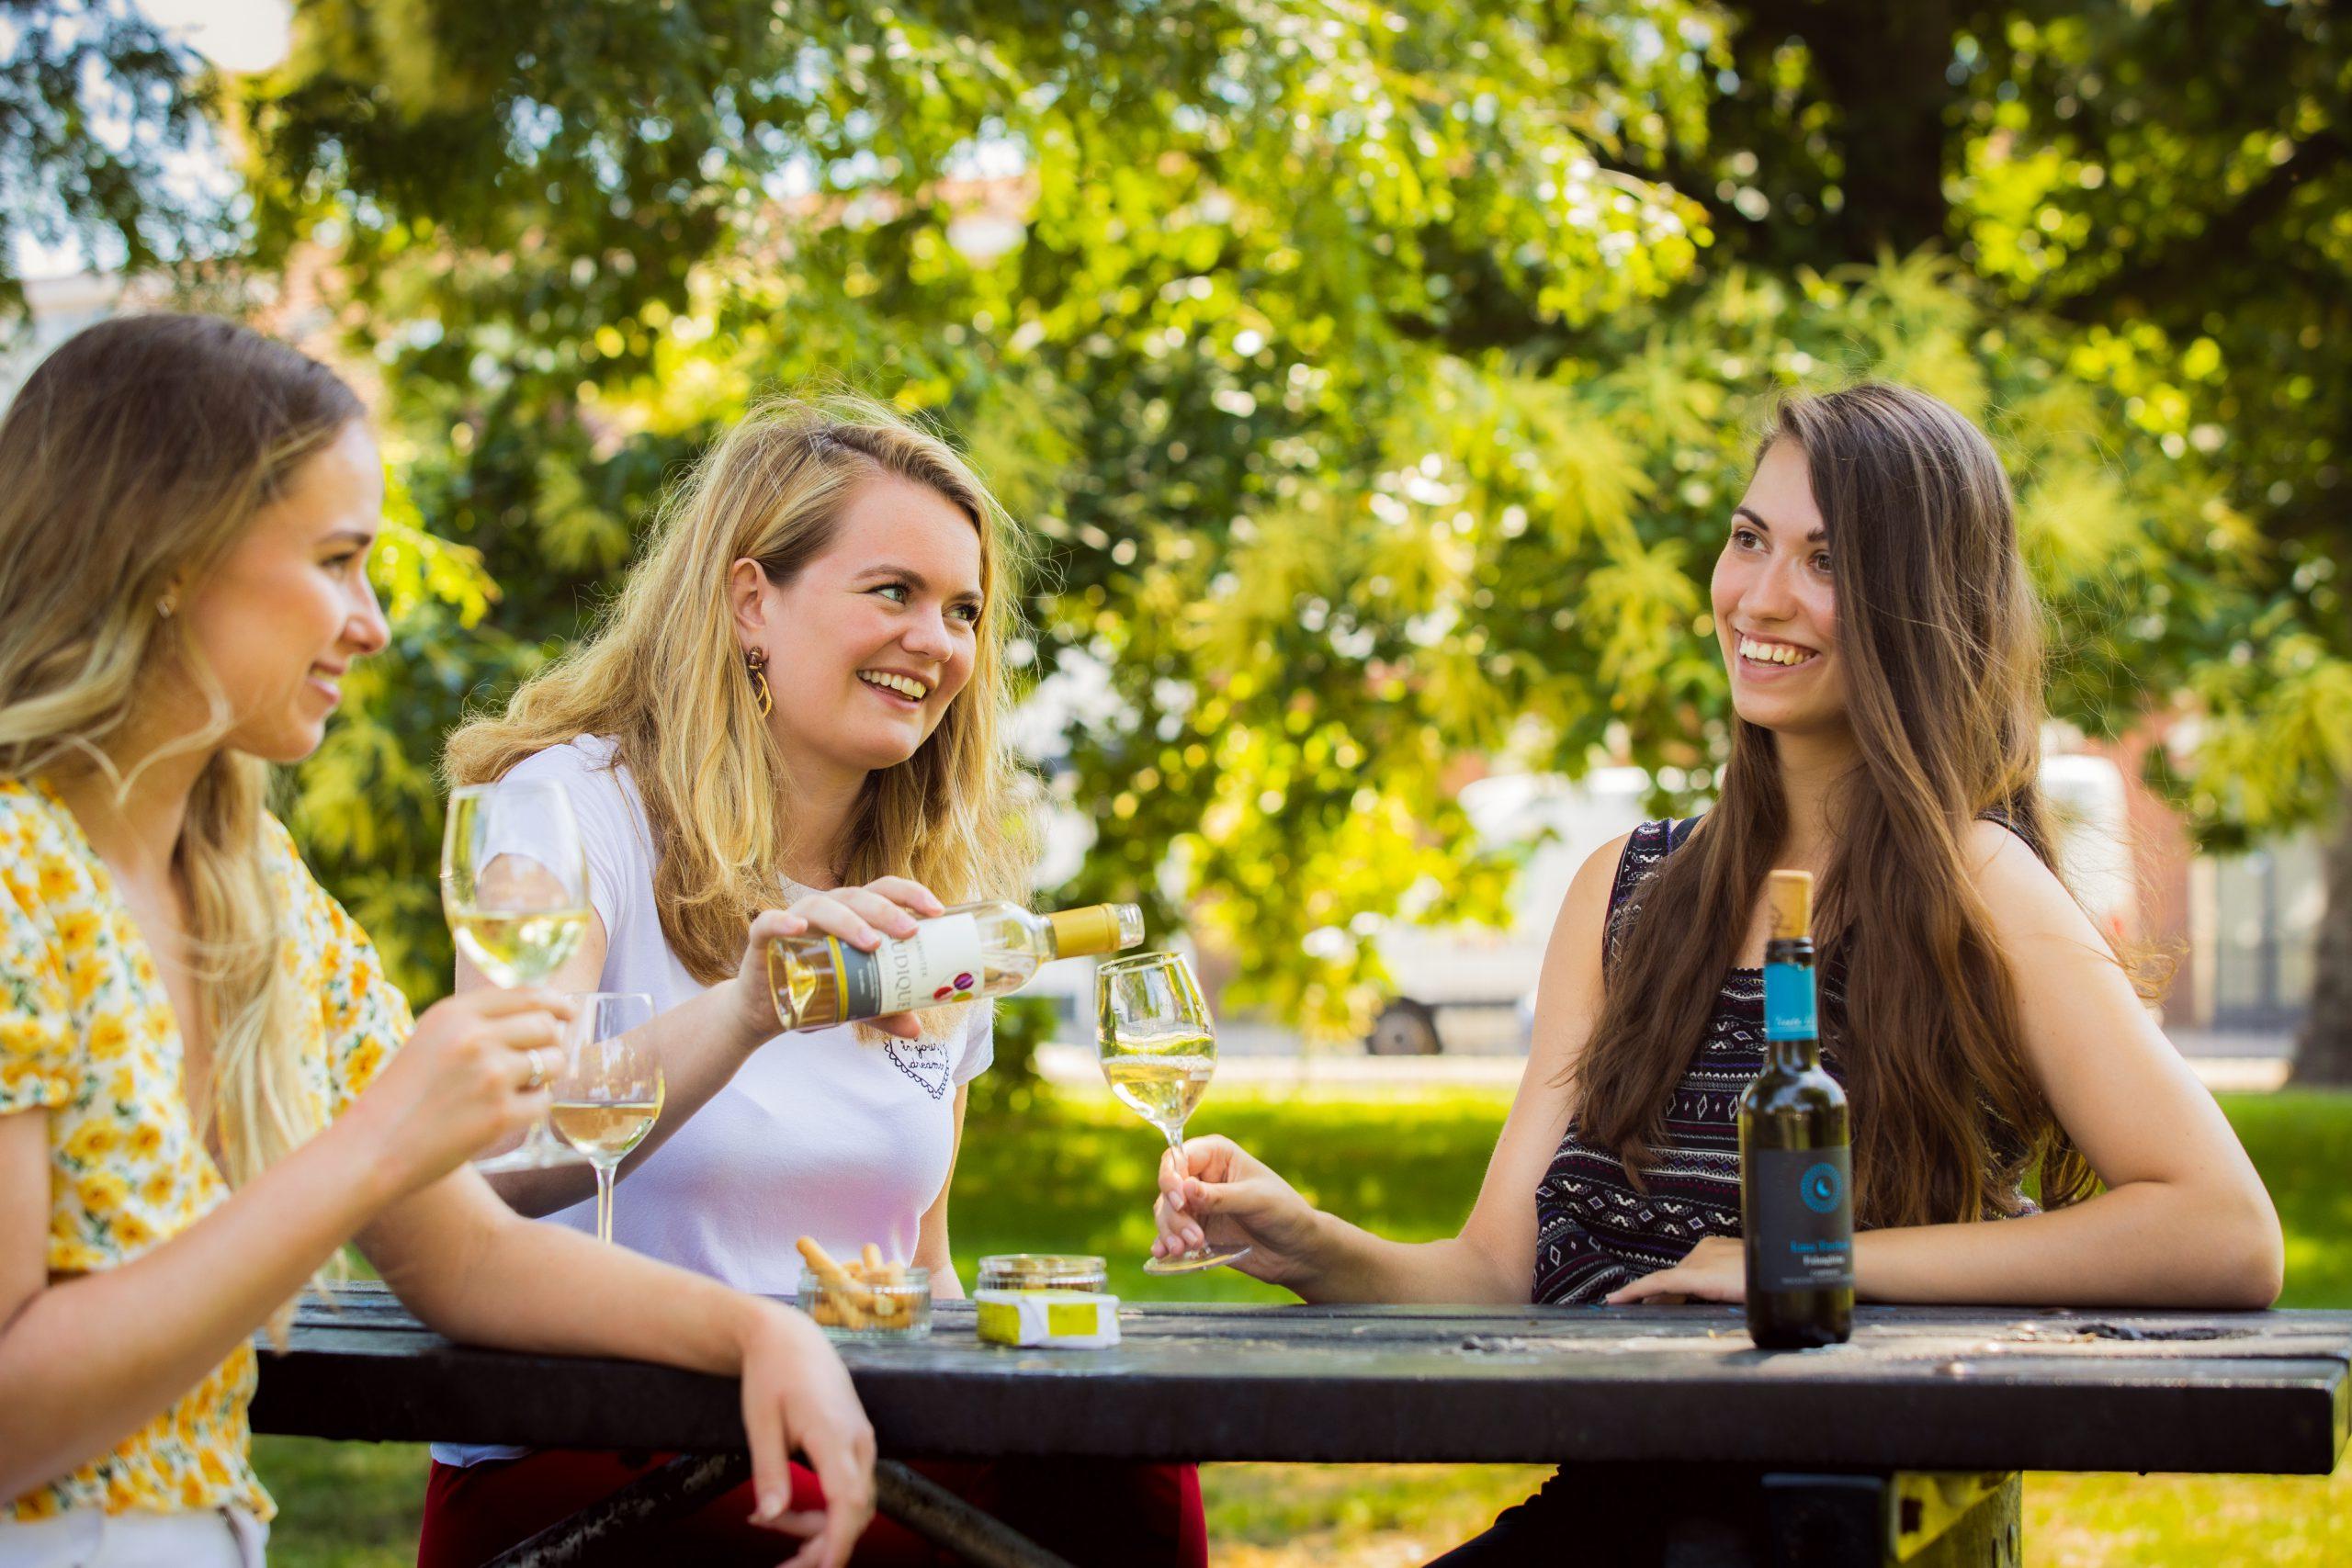 vrouwen wijndrinken groen picnic tafel